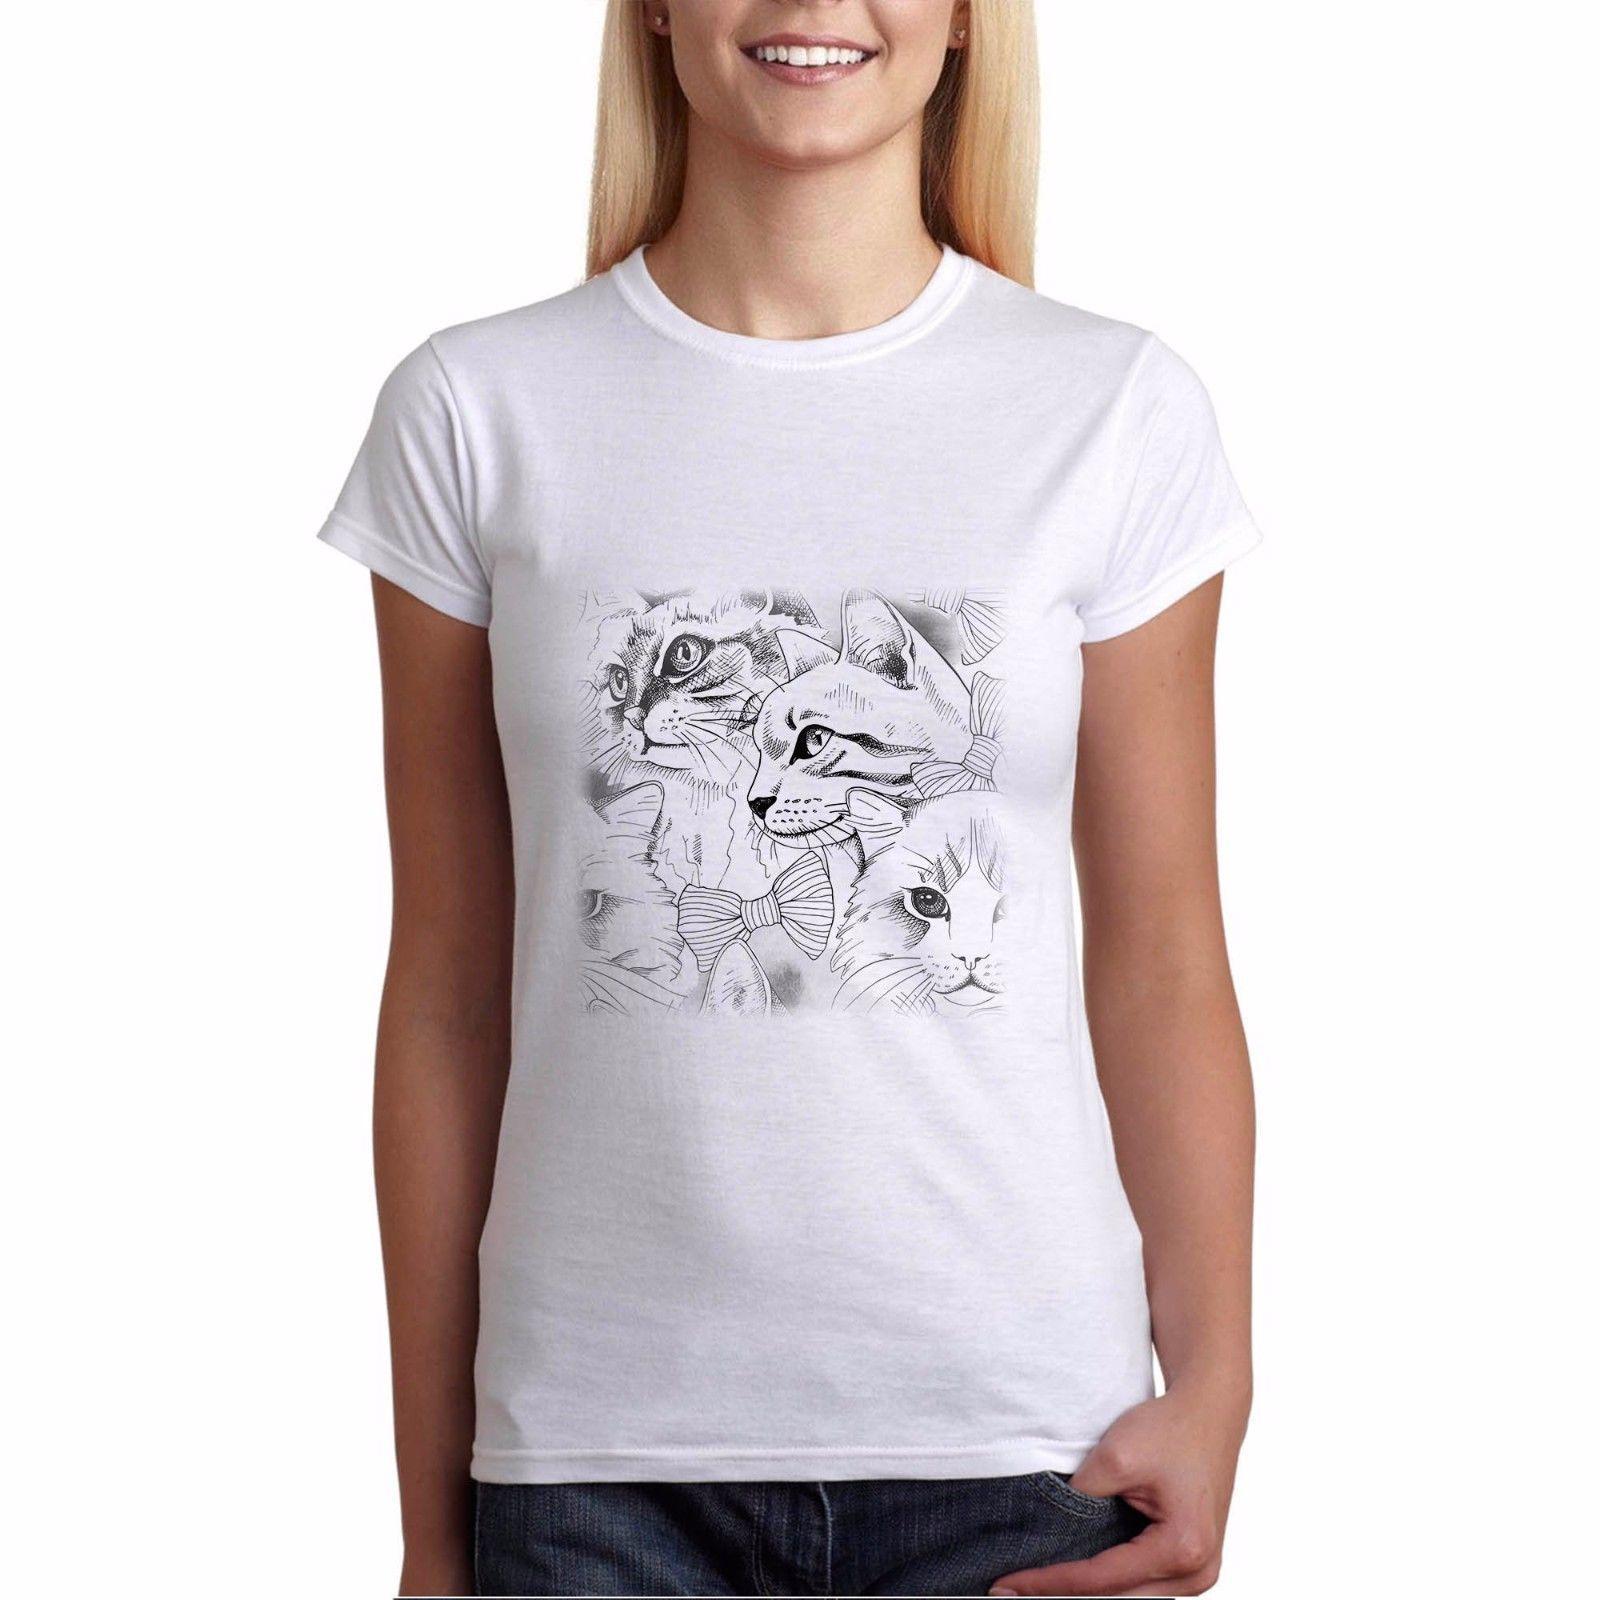 6a45952569a979 Acquista T Shirt Da Donna T Shirt Da Donna Gattino Da Disegno In Cotone  Nero / Bianco Stampato Best Gift New Fashion T Shirt Donna Summer Shirt  Girls A ...